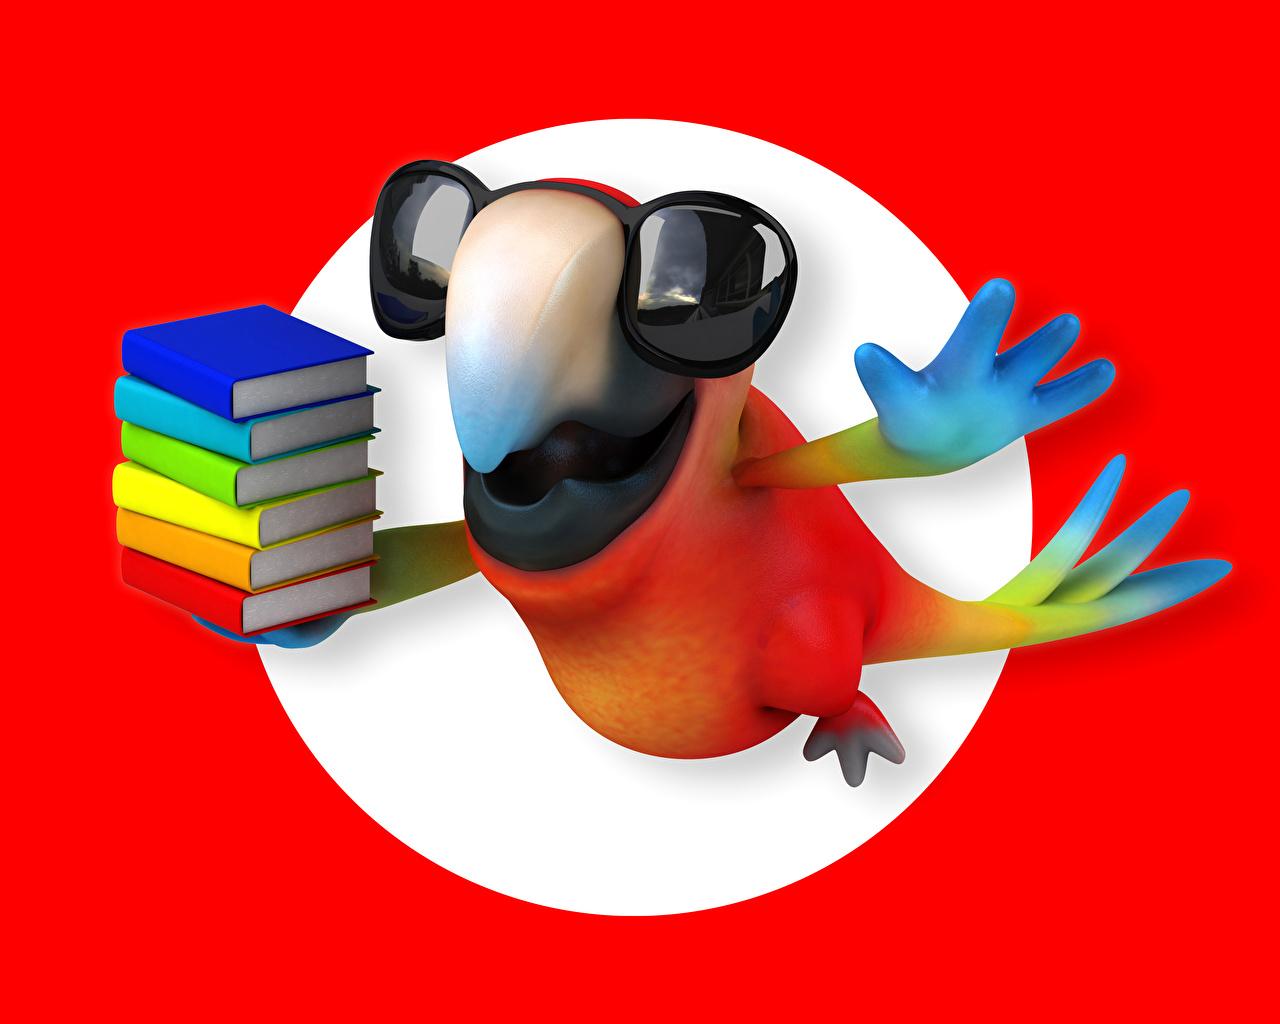 Картинка Попугаи Клюв 3D Графика Лапы очках книги 3д лап Очки очков Книга